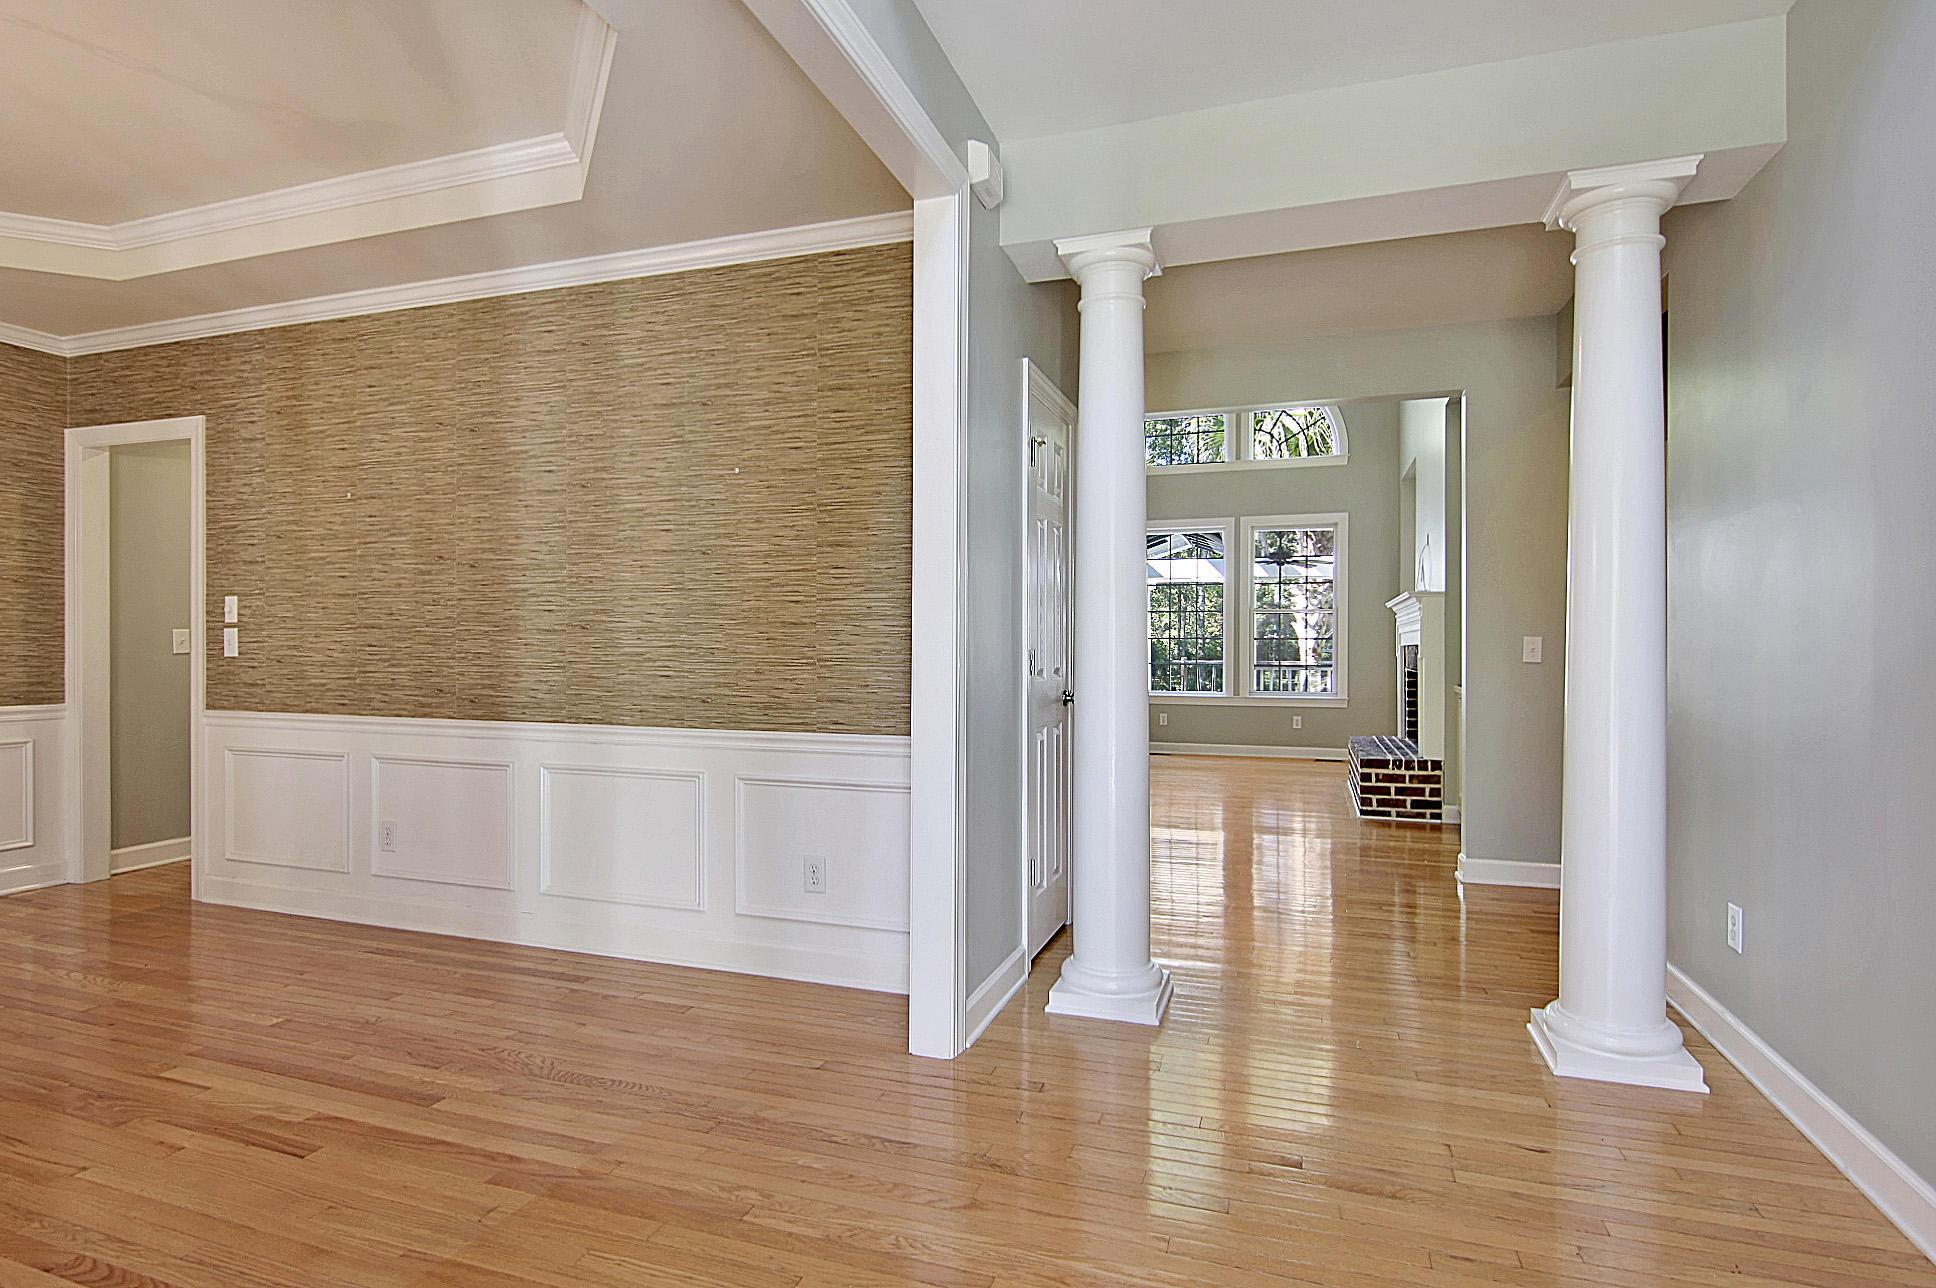 Dunes West Homes For Sale - 2236 Black Oak, Mount Pleasant, SC - 4